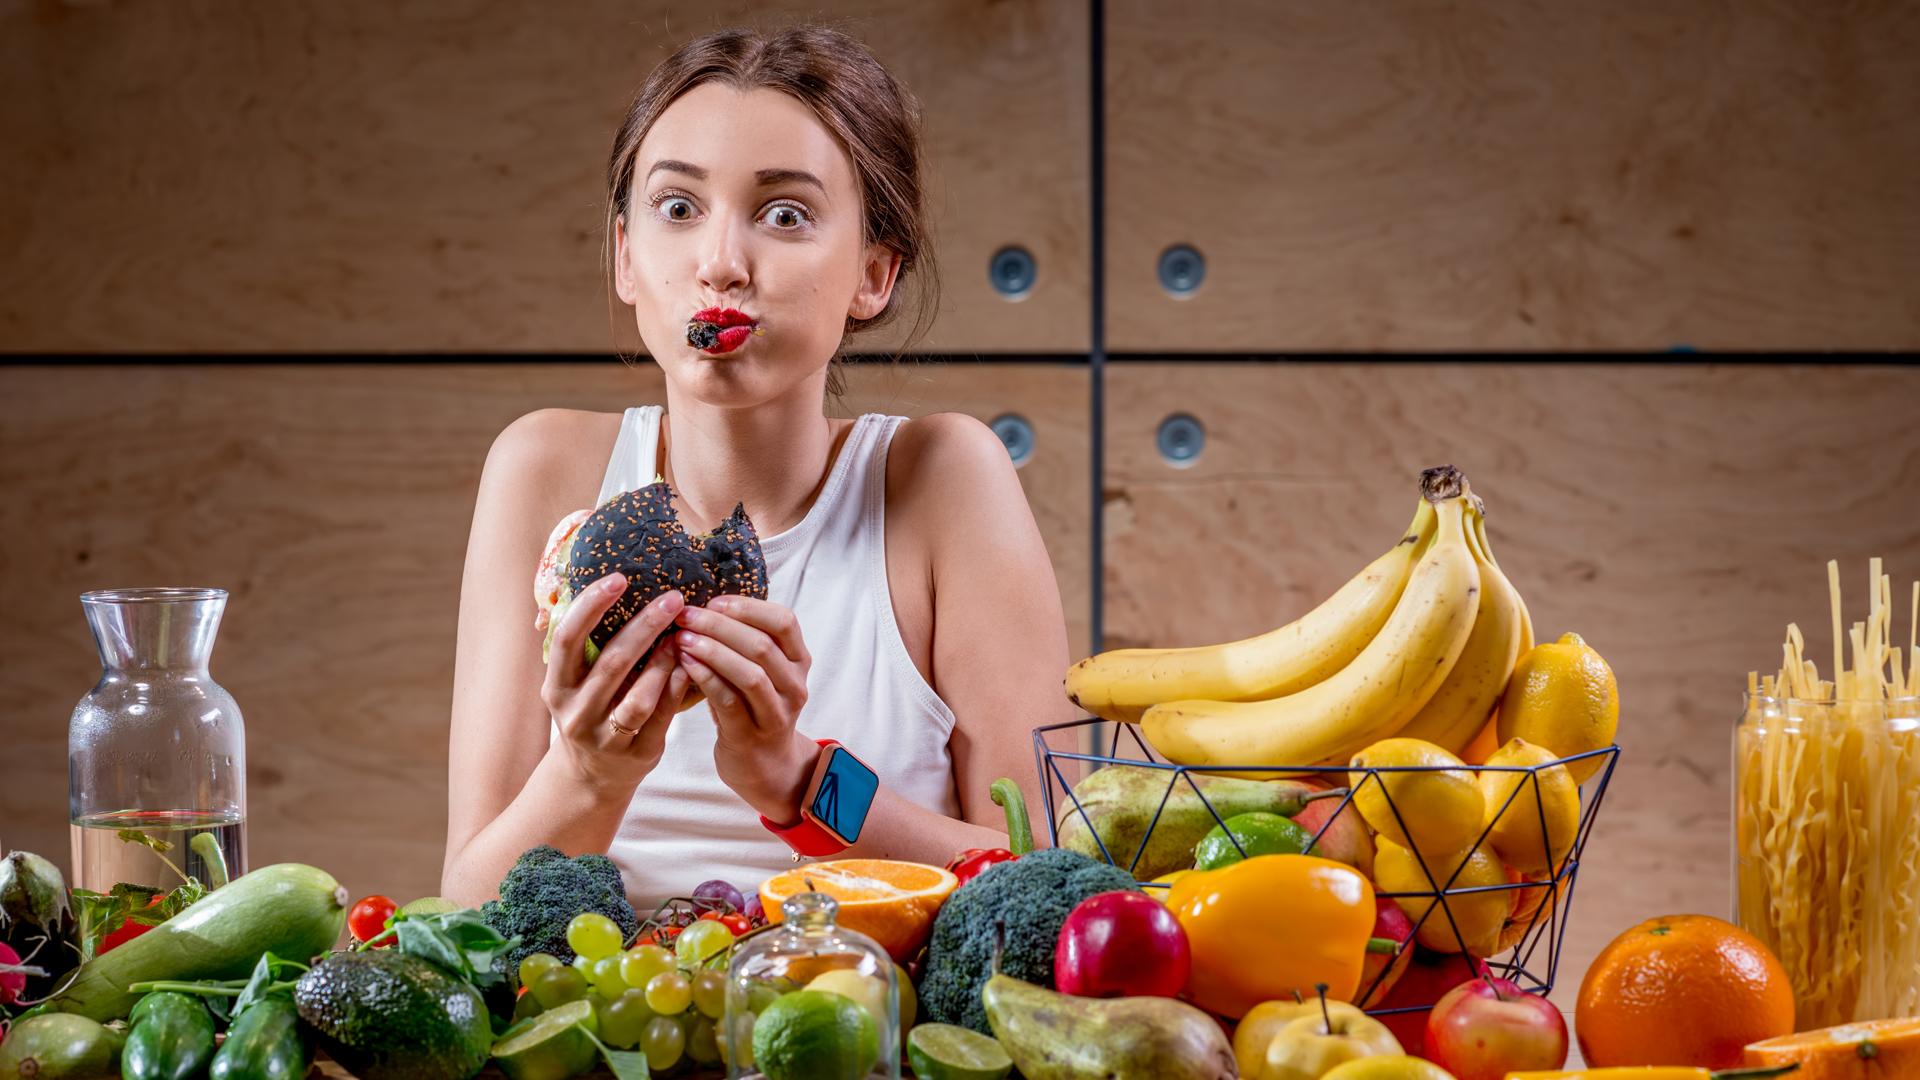 Los sentimientos de hambre después de pérdida de peso nunca pueden desaparecer